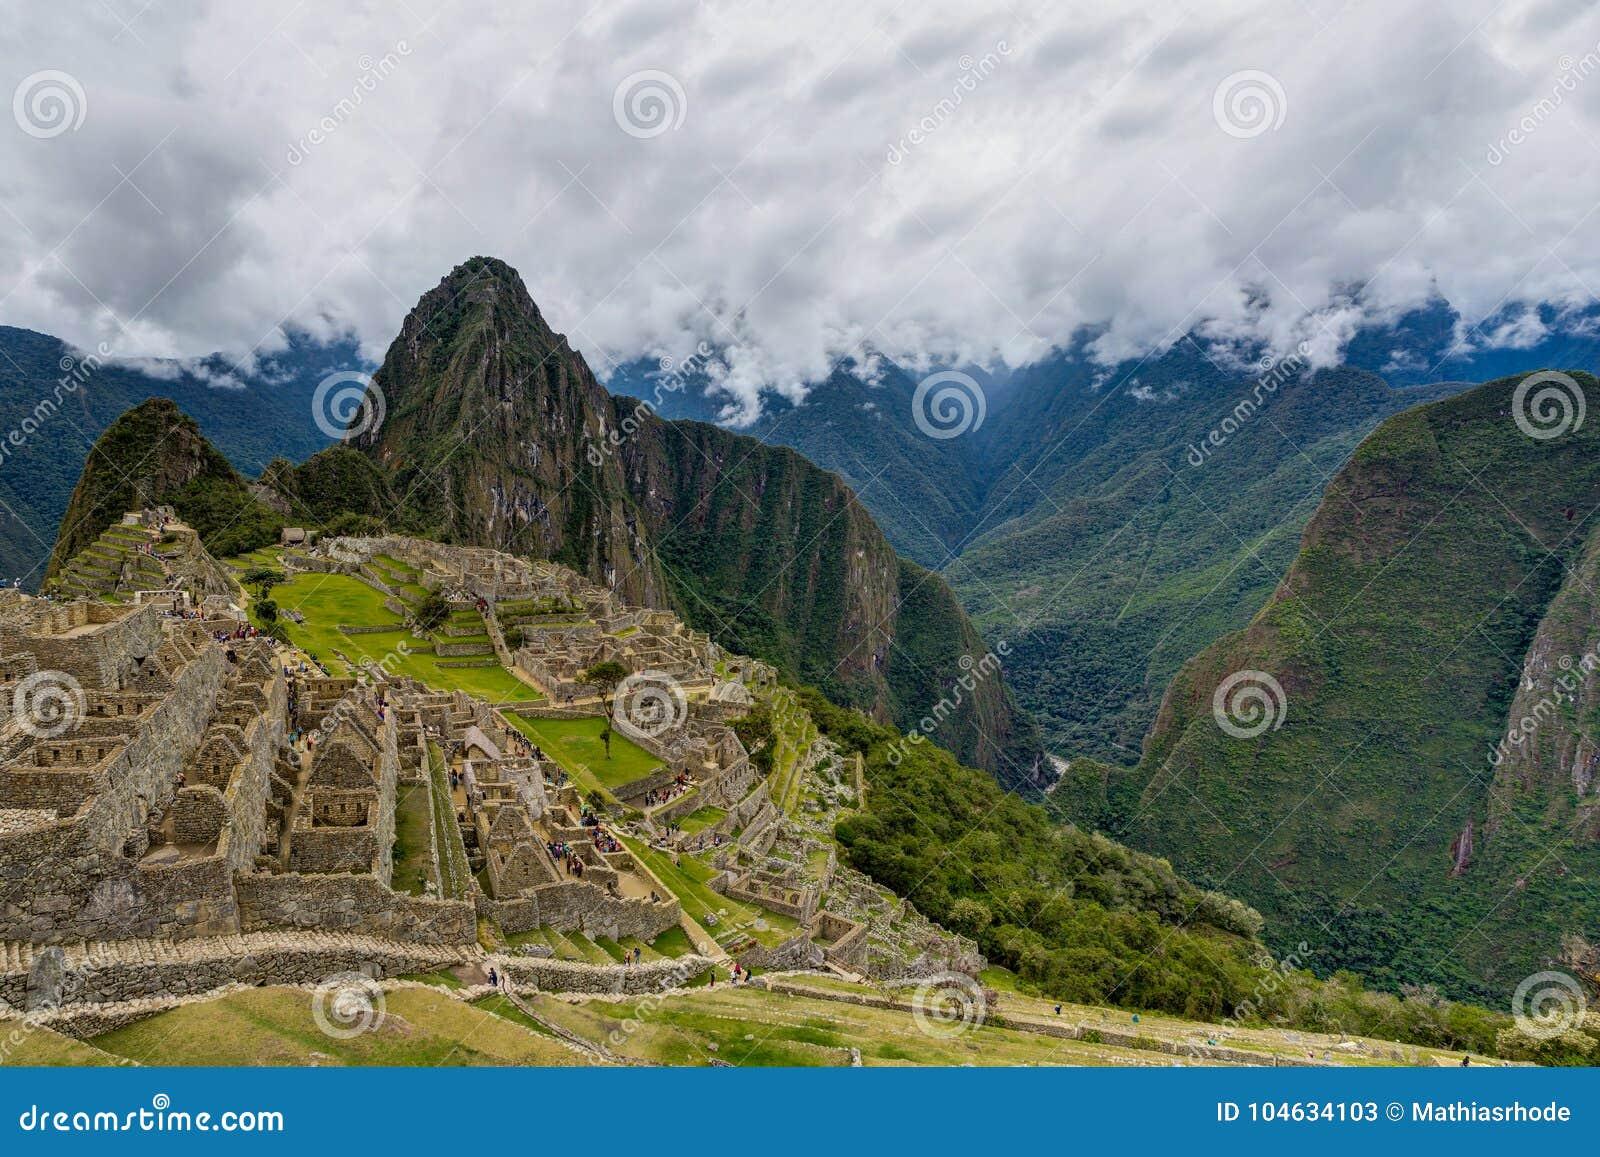 Download Machu Picchu In Peru Custo South America Stock Afbeelding - Afbeelding bestaande uit wolk, verloren: 104634103